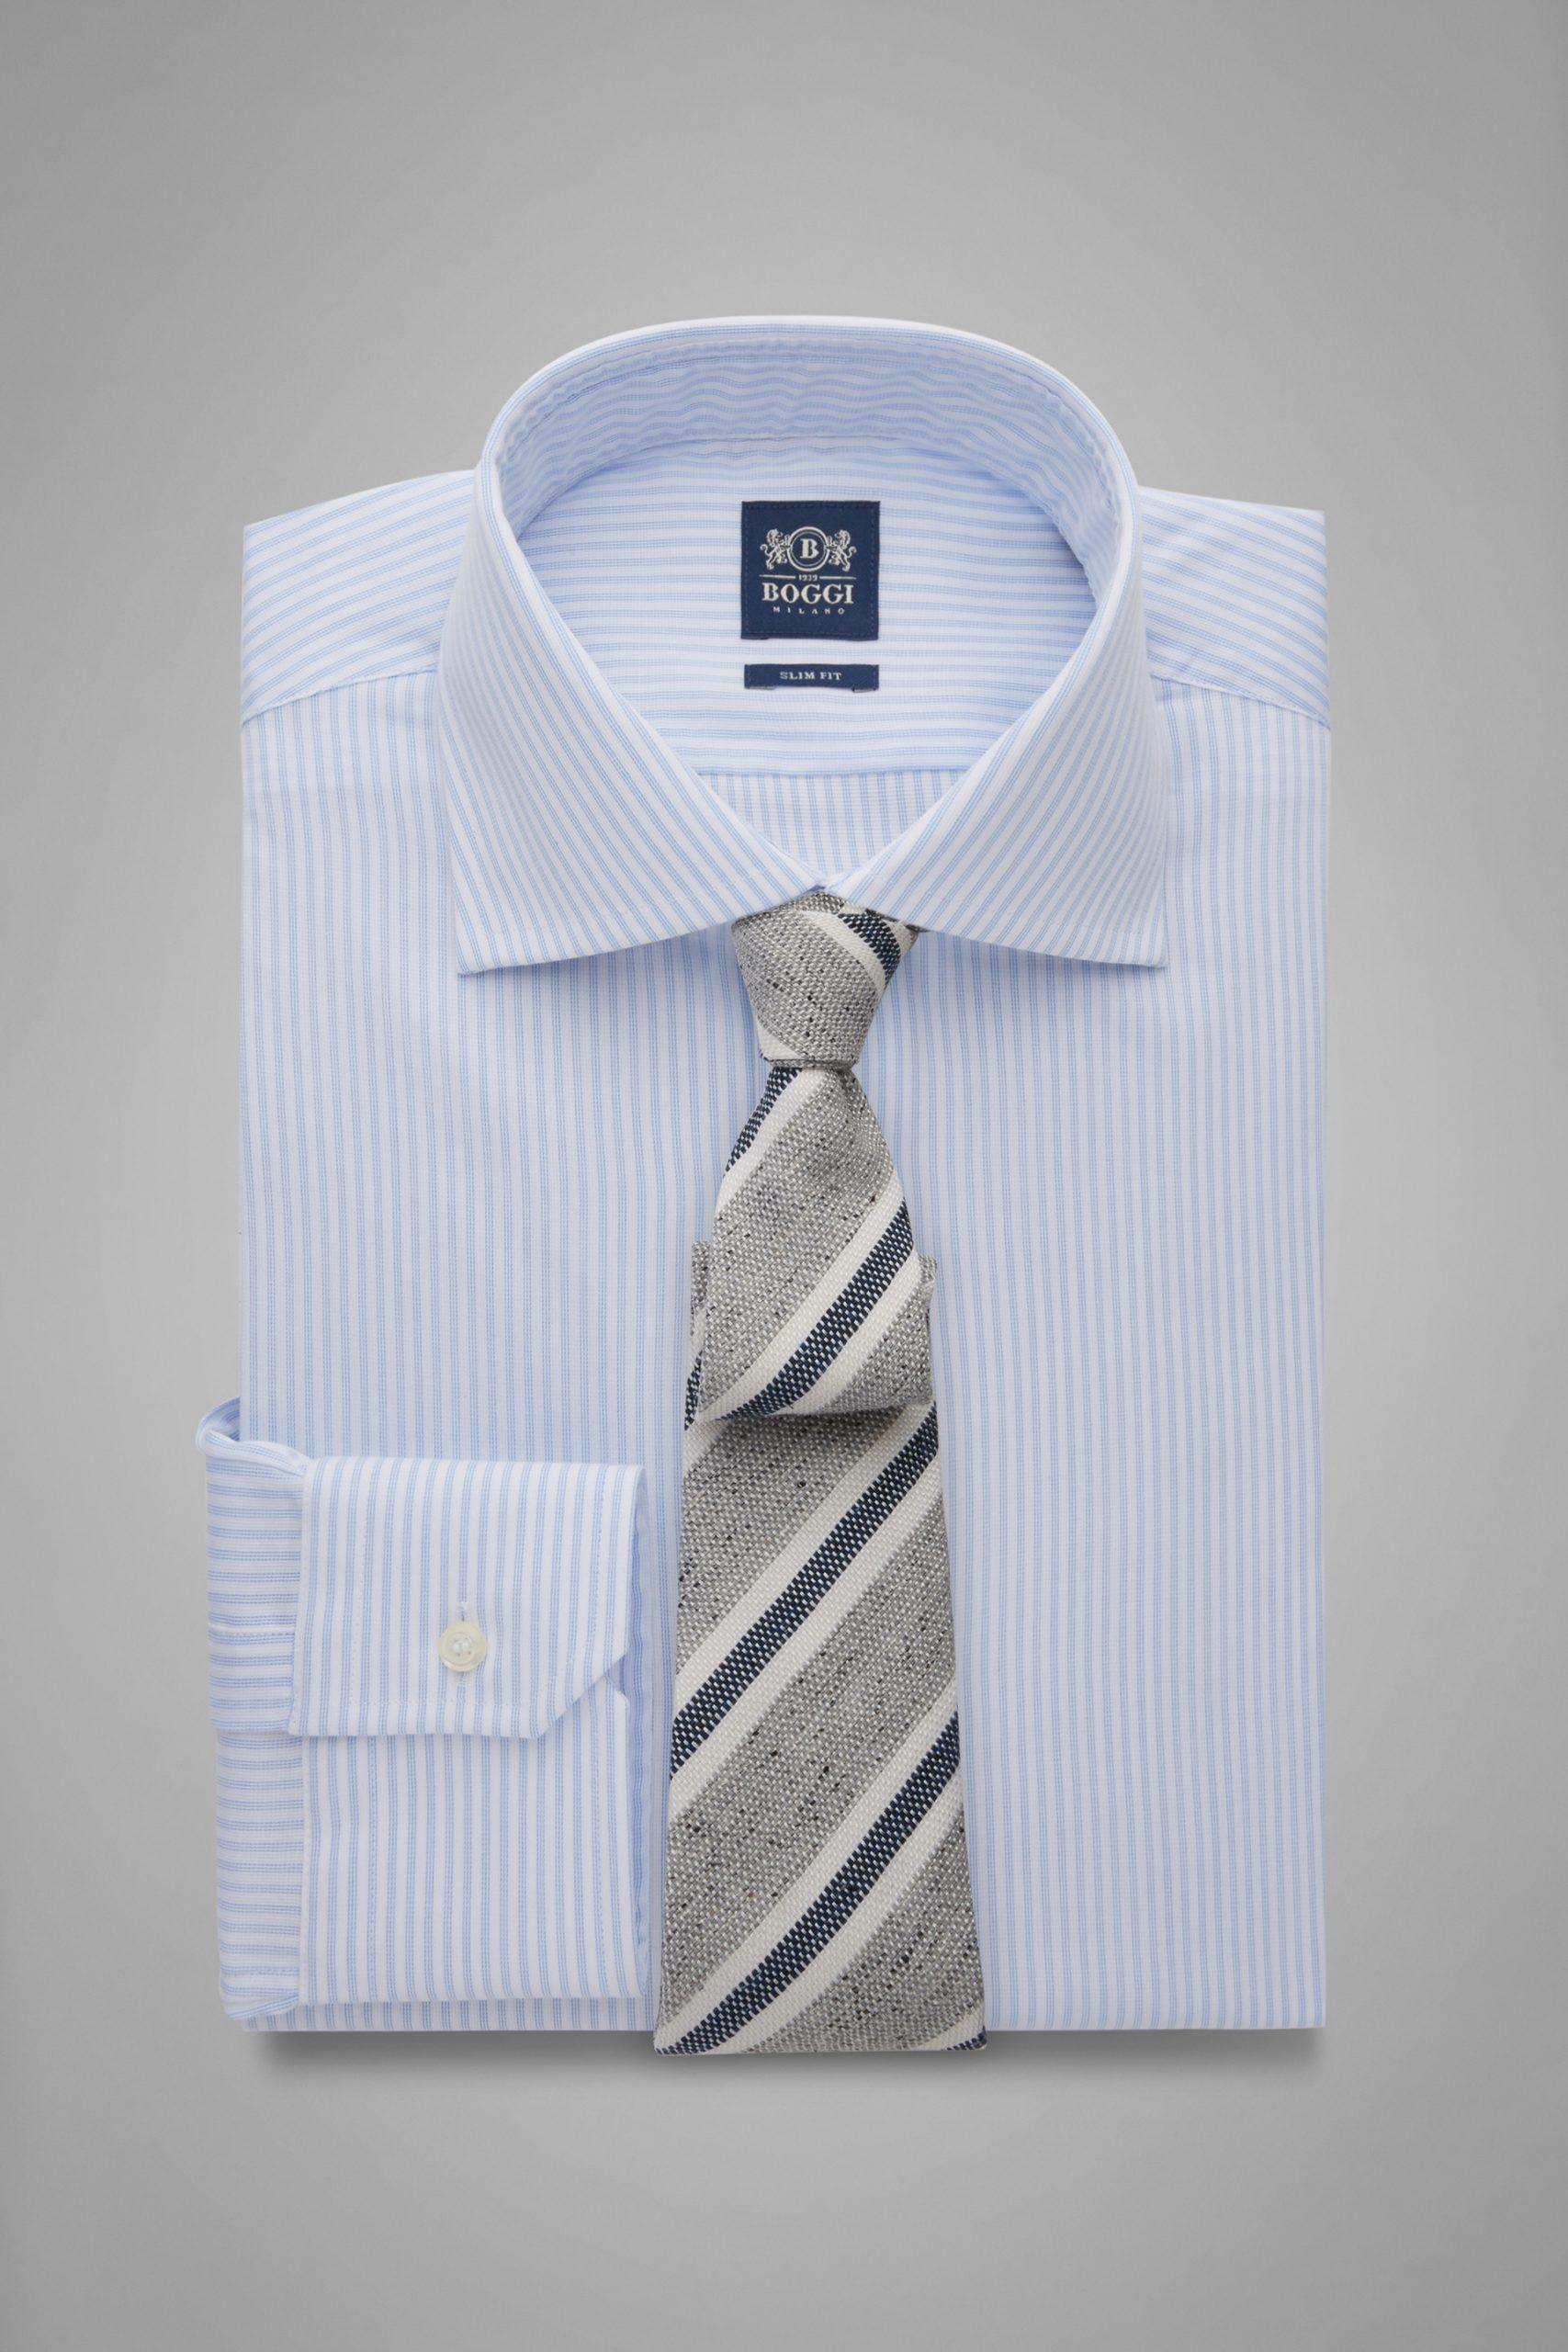 Camicie da uomo in colore Bianco Azzurro in materiale